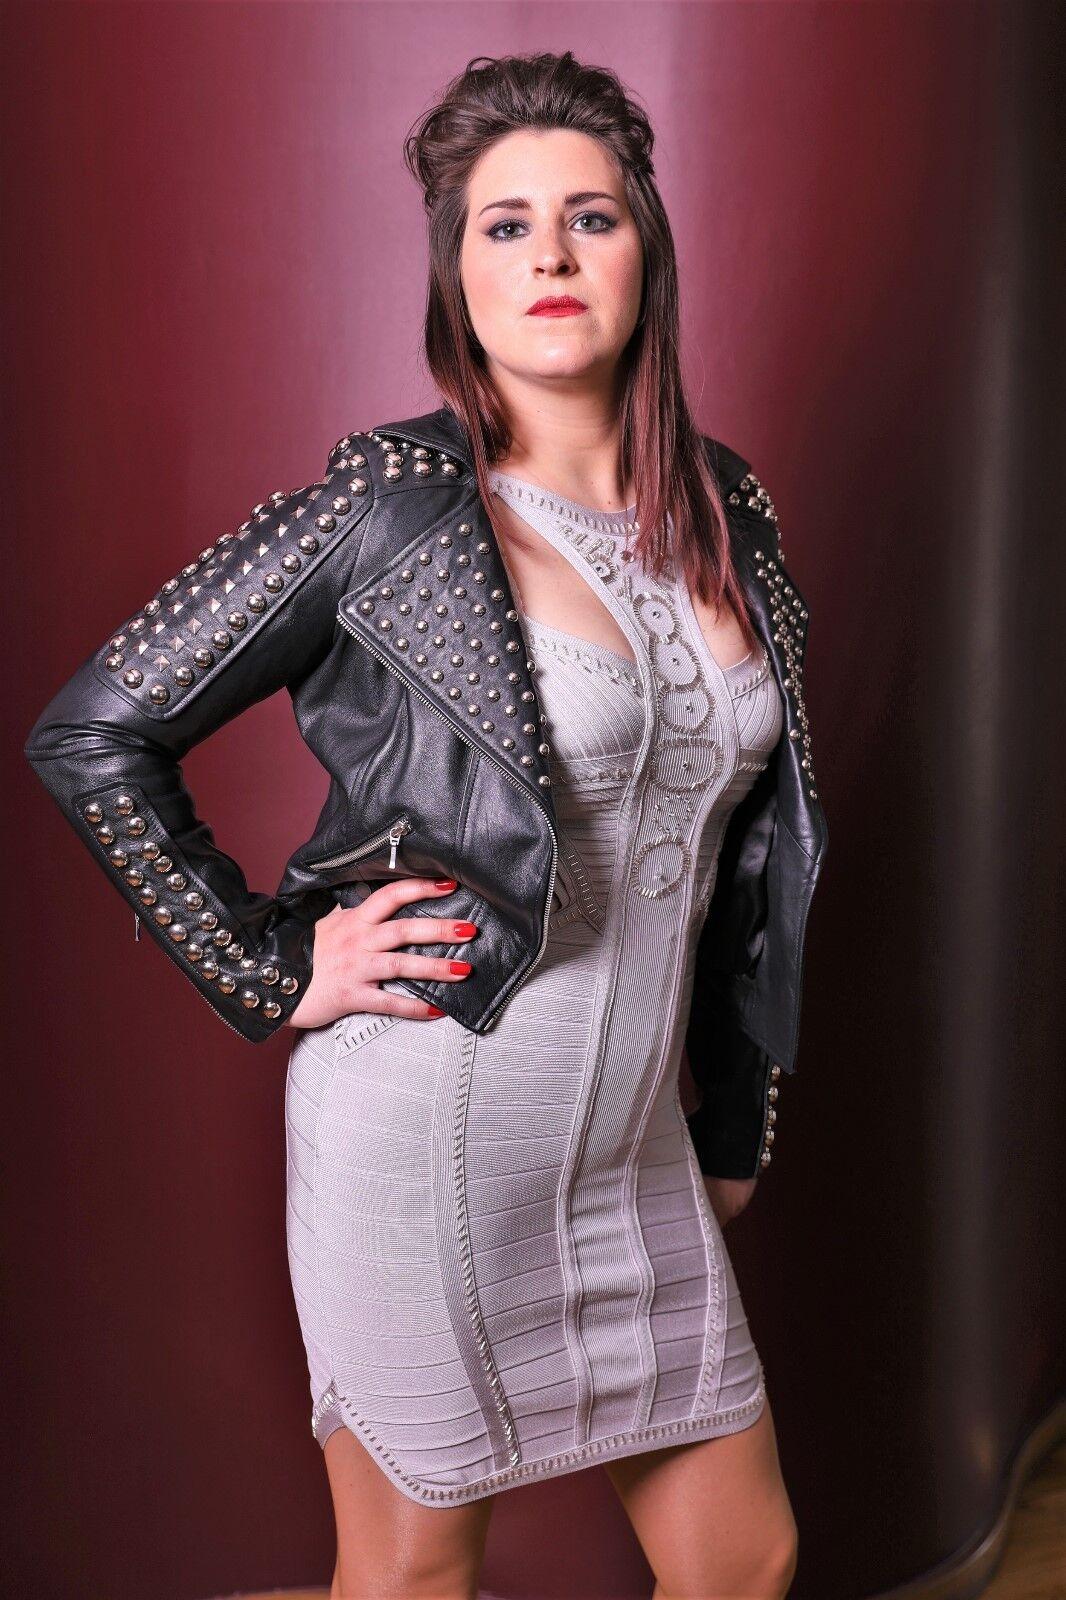 Stretch Kleid - Partykleid Clubkleid silber-grau DaMänner -B Ware-  45 % rotuziert